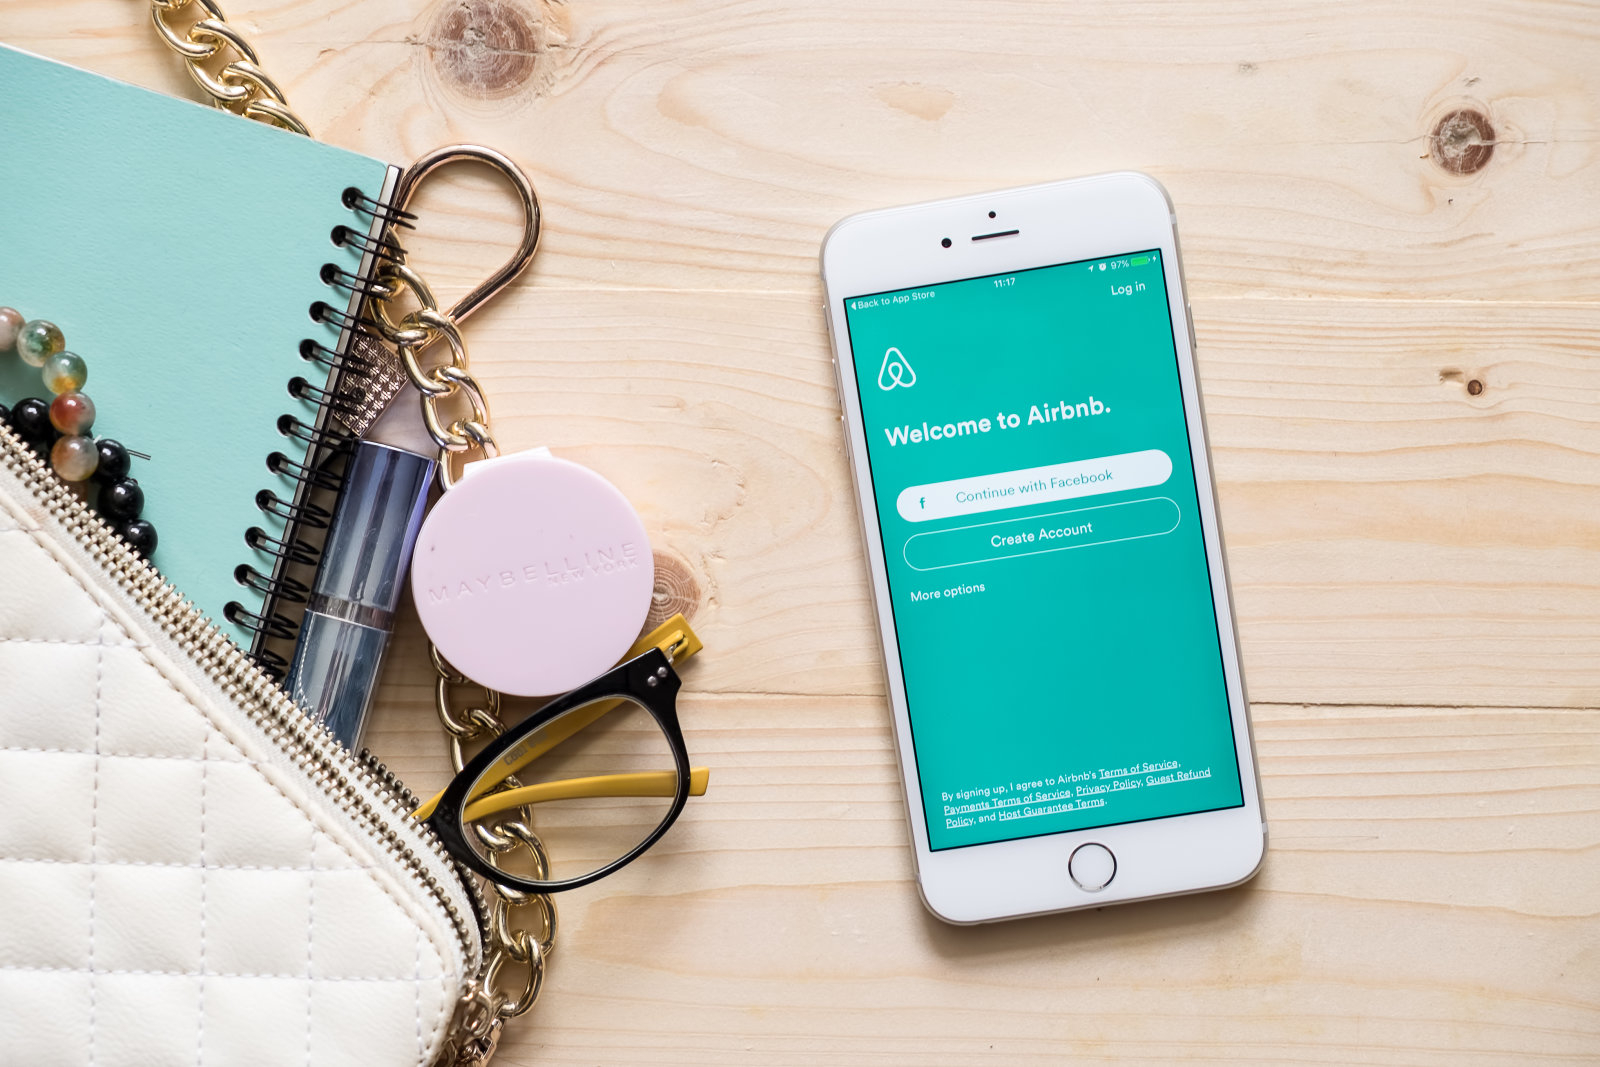 Airbnb intenționează să ofere adapost la 100.000 de oameni în următorii 5 ani